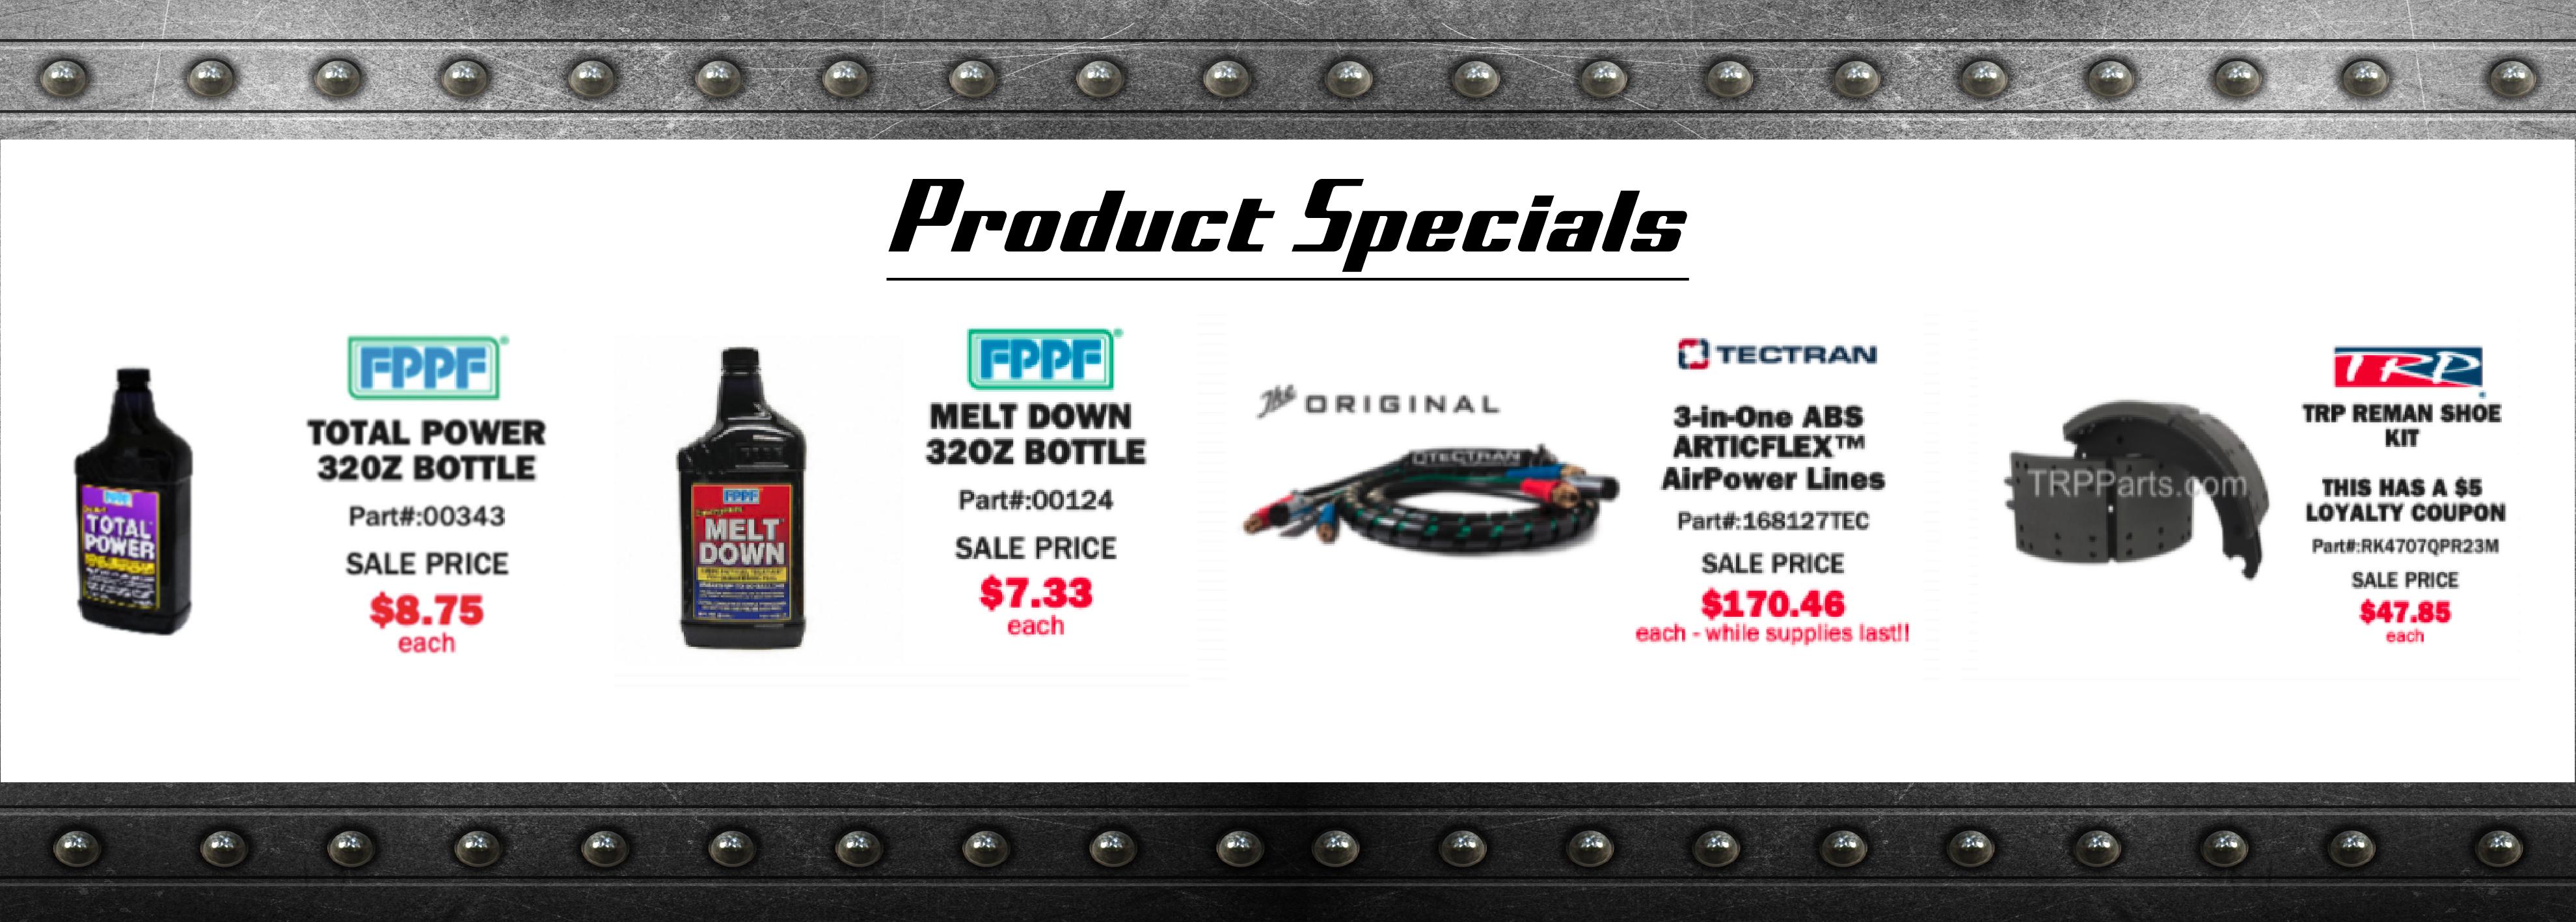 Parts special 02/21-03/21